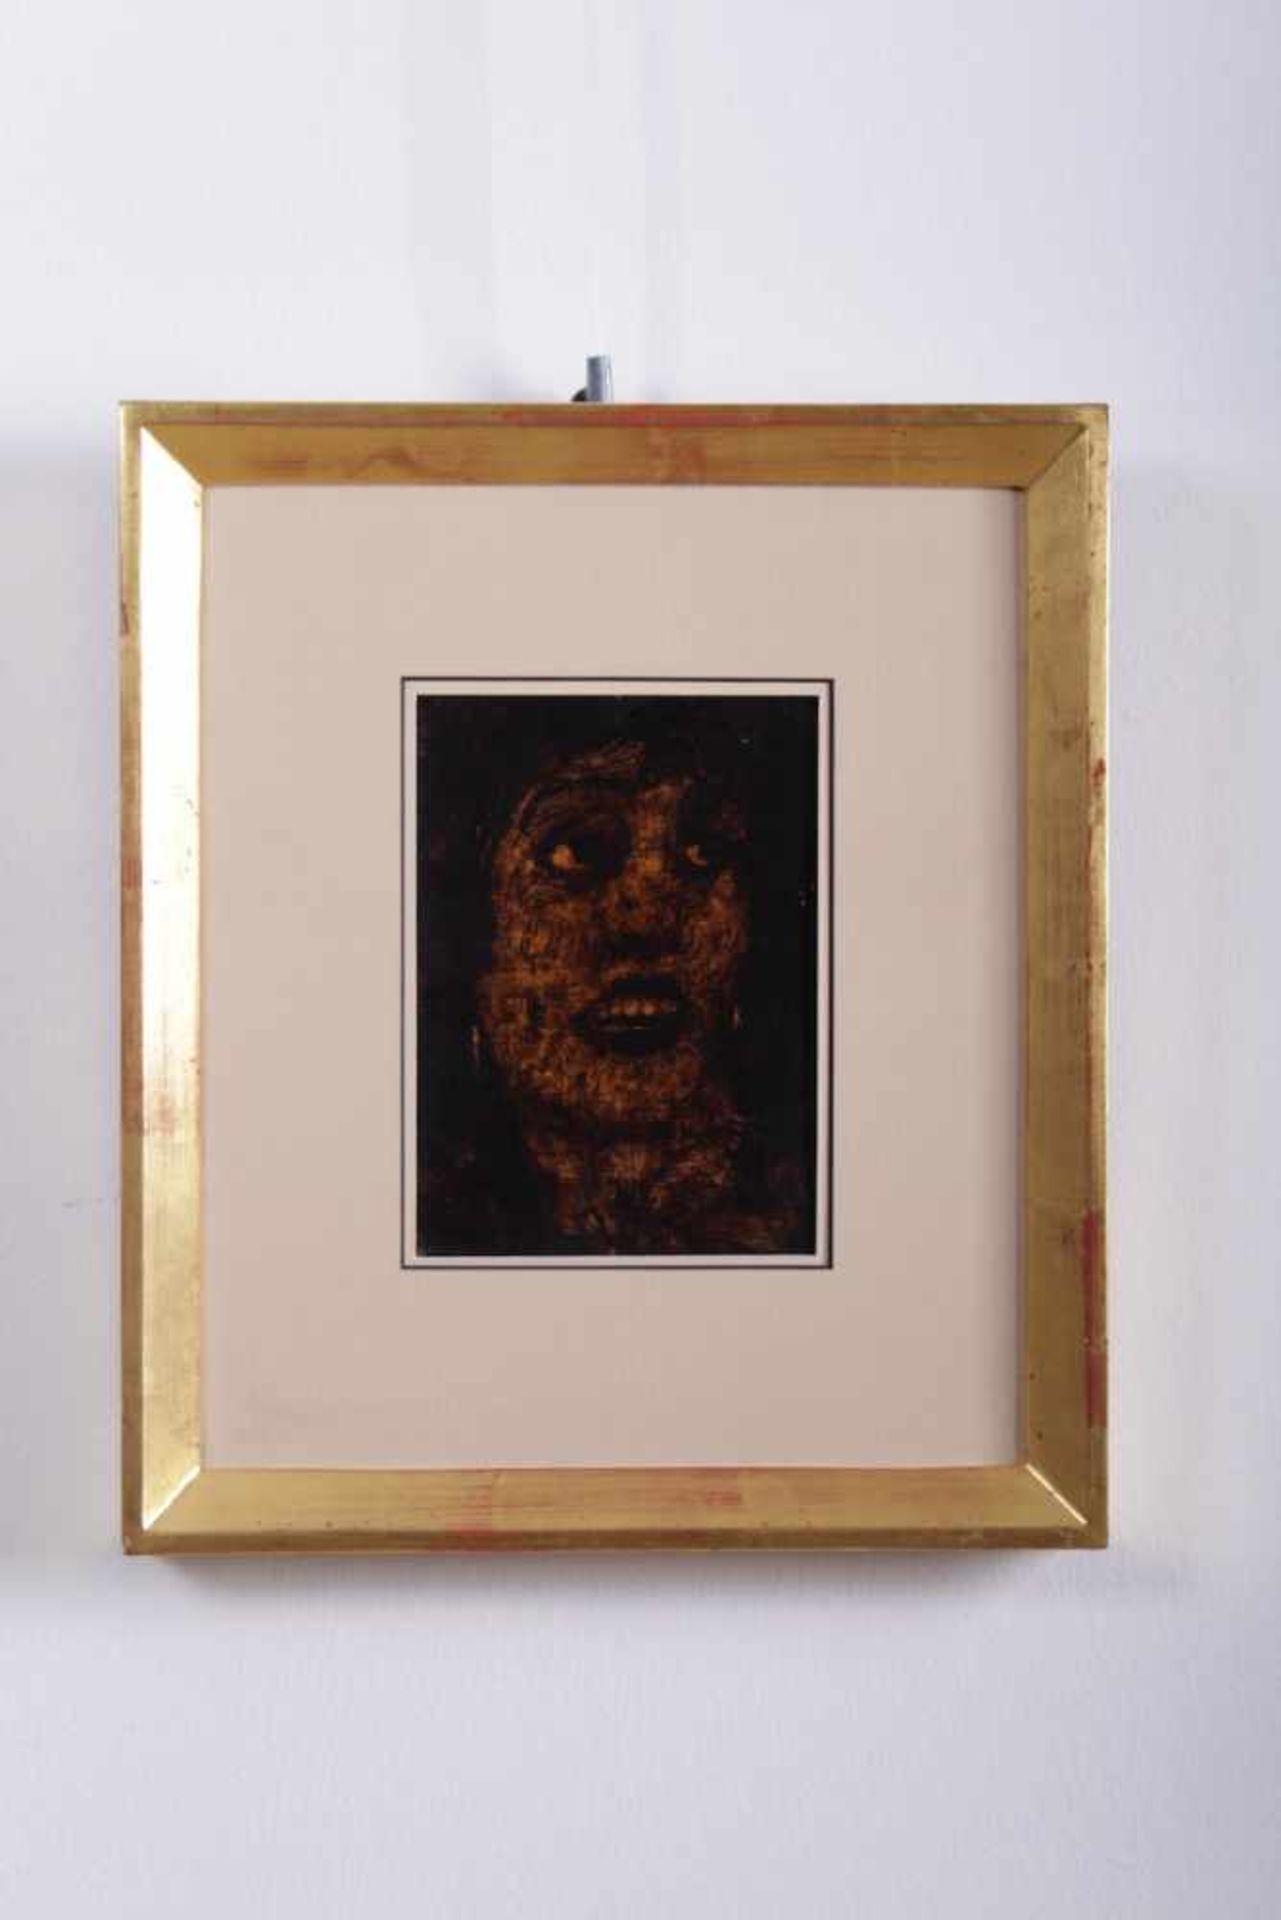 Los 58 - Alfons Walde 1891-1958, Teerzeichnung auf Karton, Damenportrait, Nachlassstempel auf der